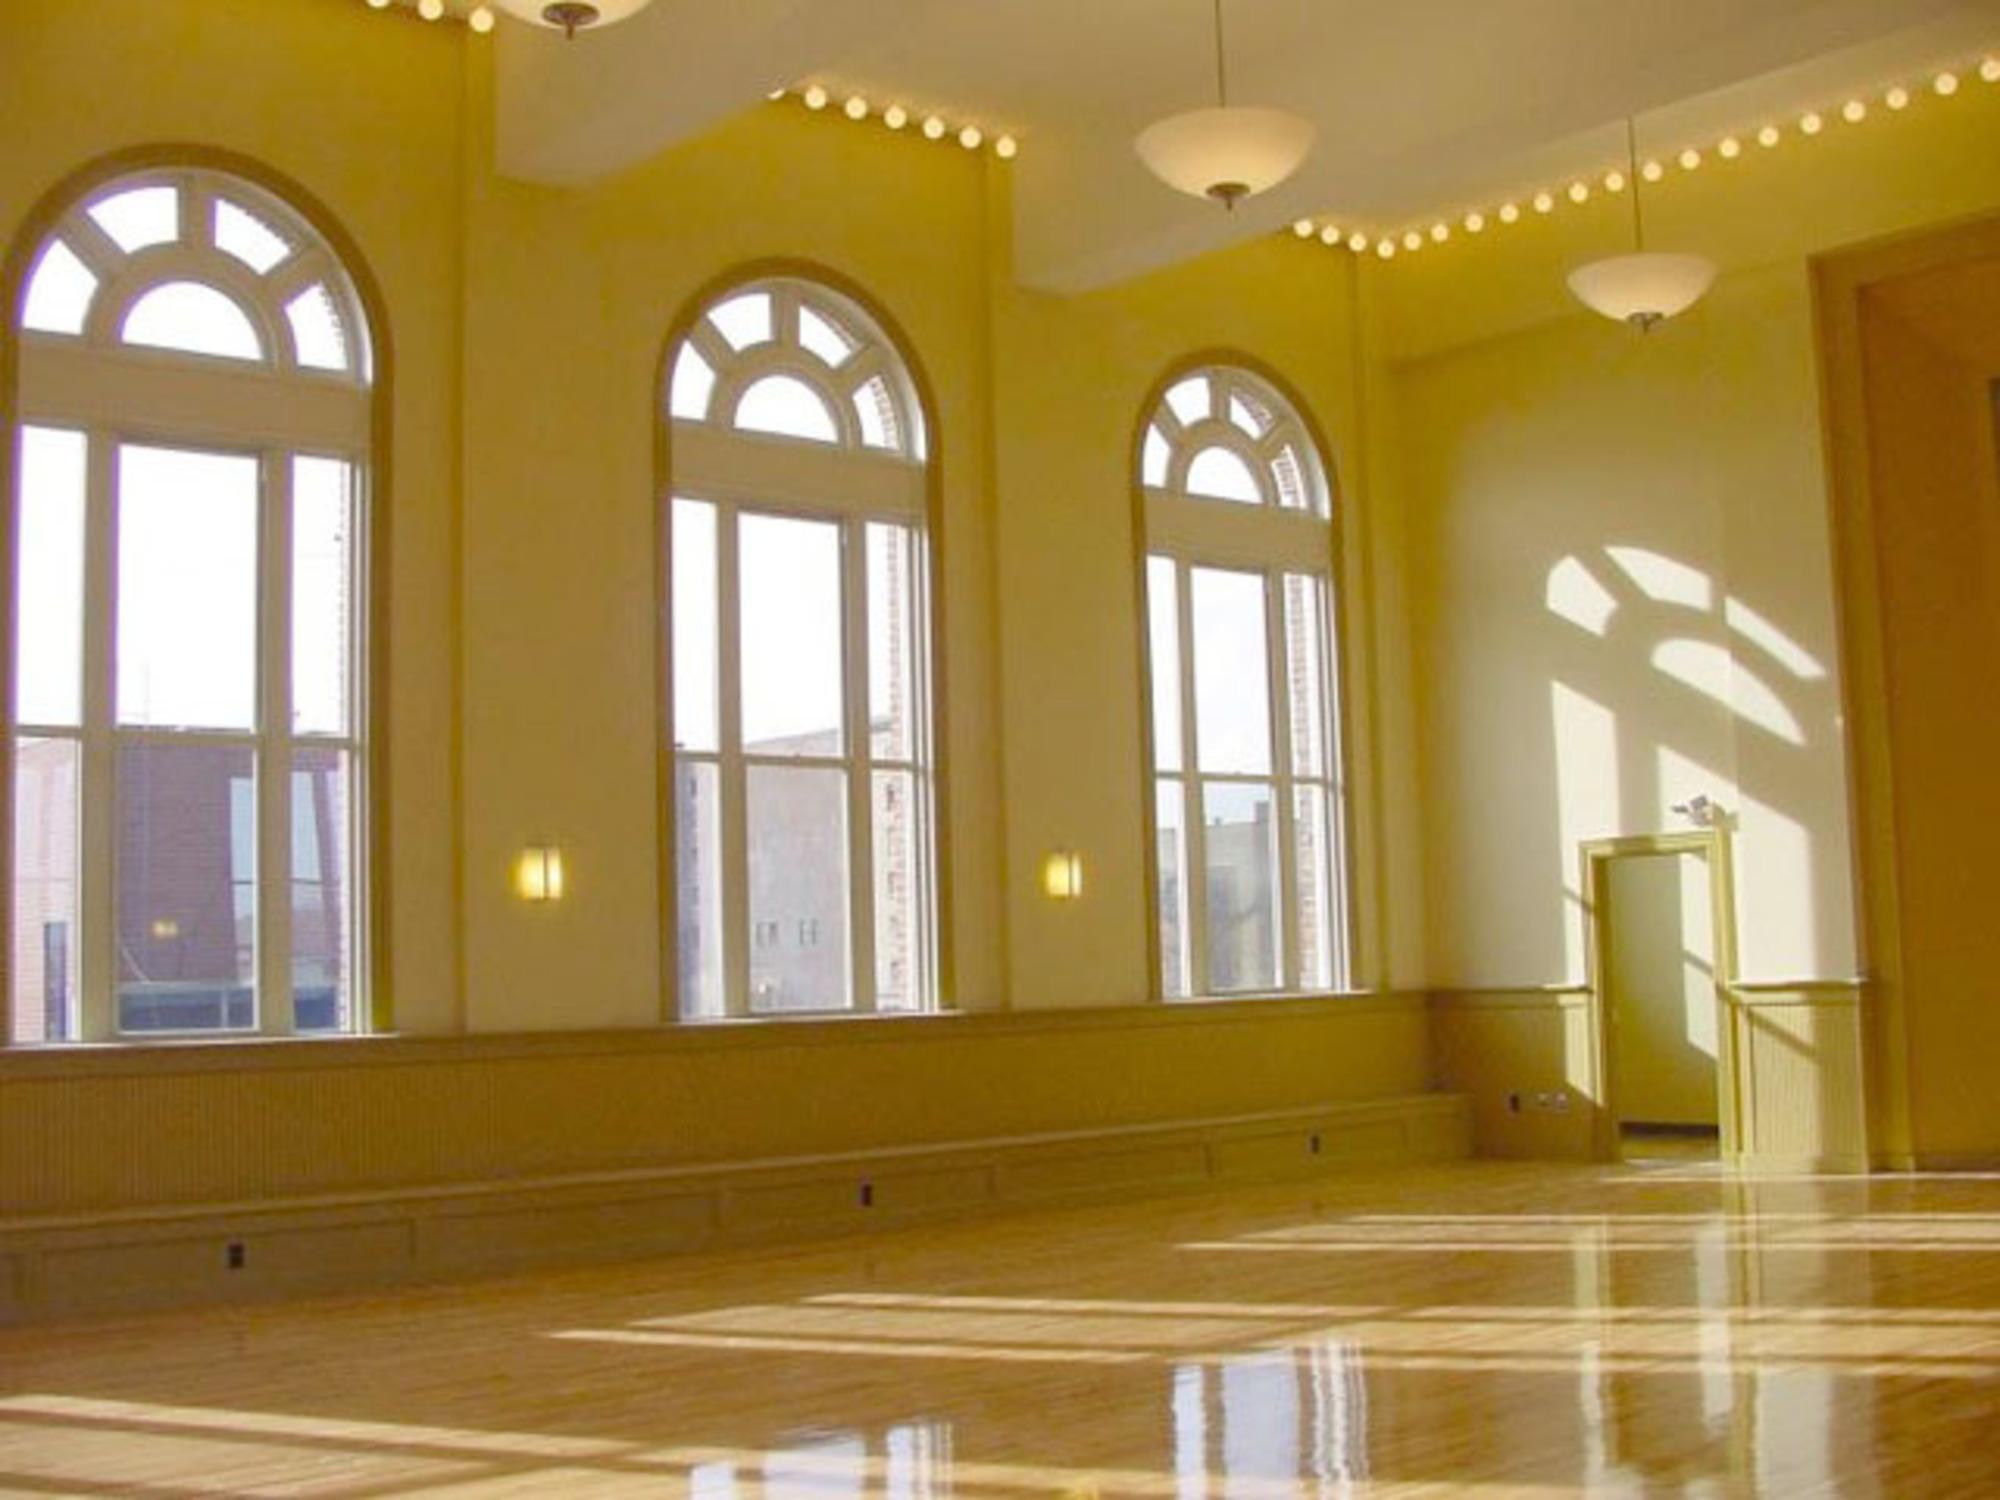 Hibernian Hall - Renovated ballroom